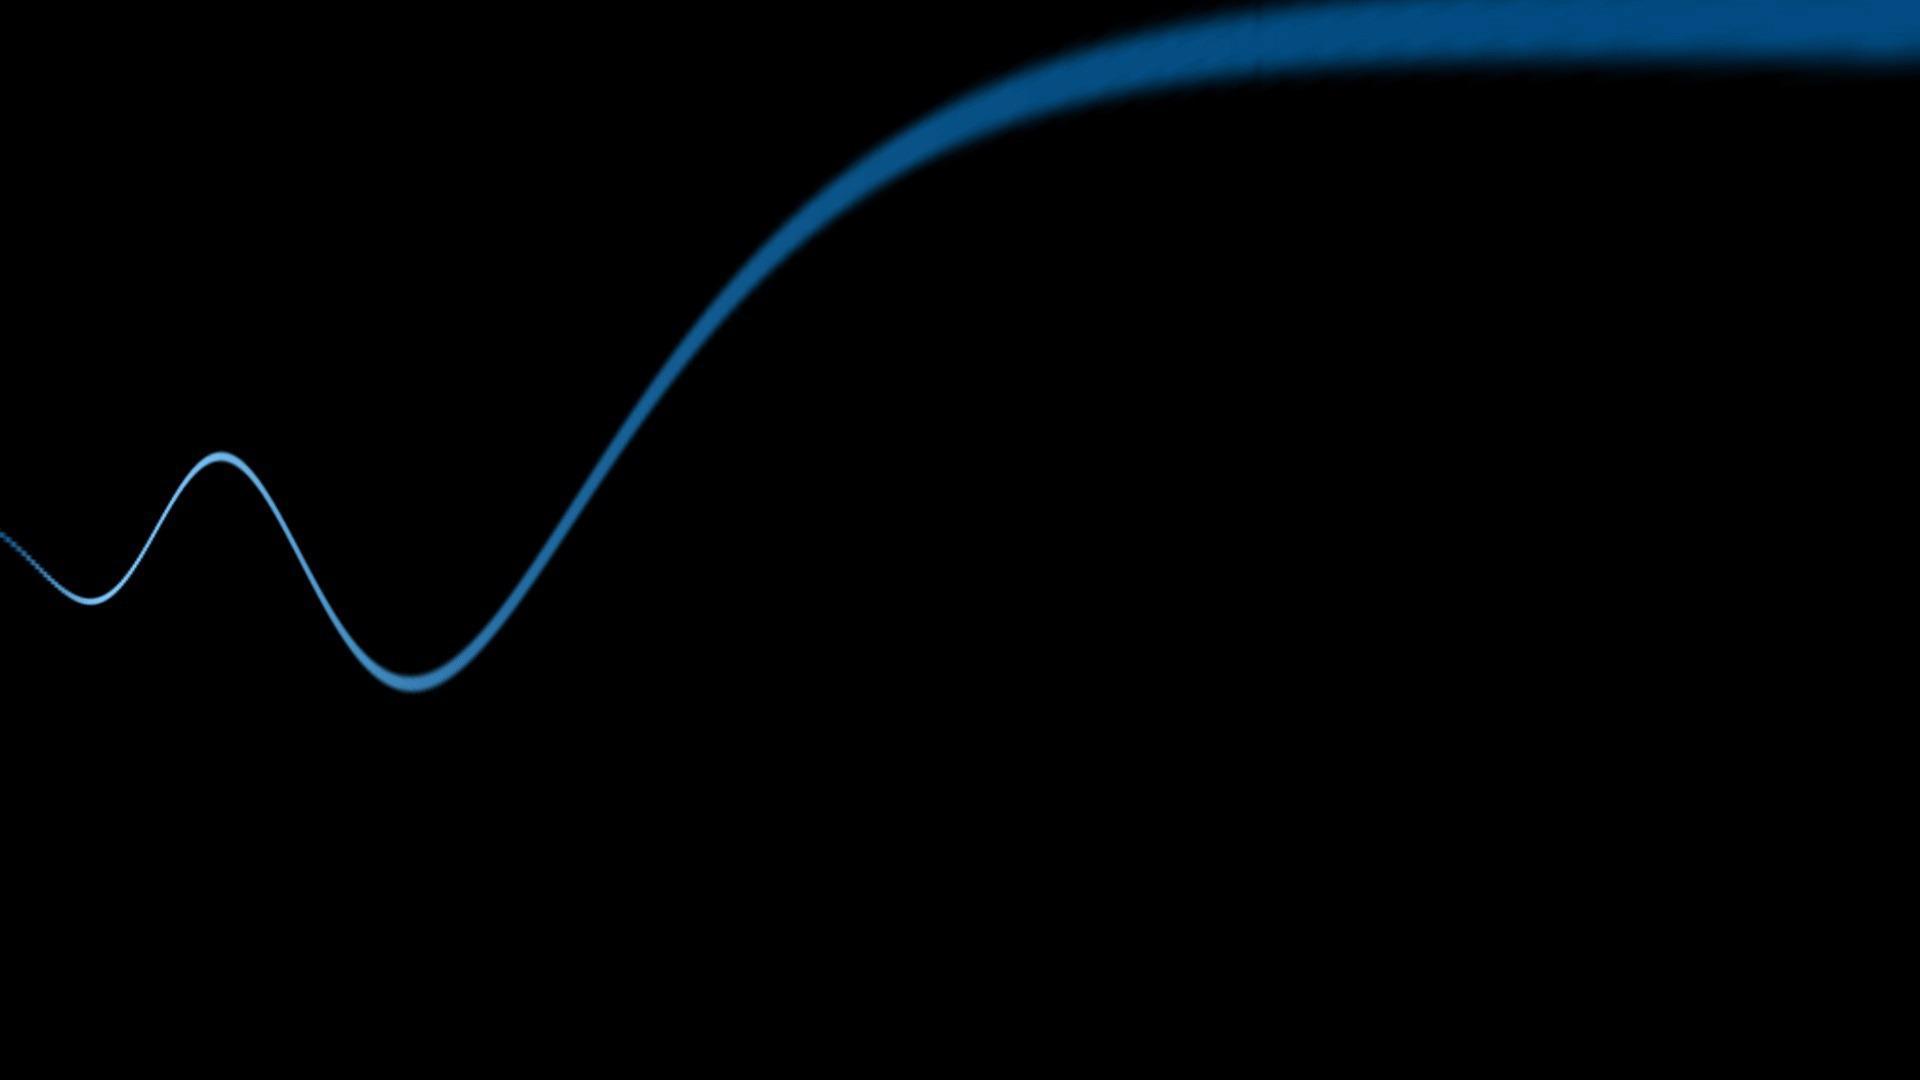 青い光の抽象 黒の芸術hdの壁紙プレビュー 10wallpaper Com